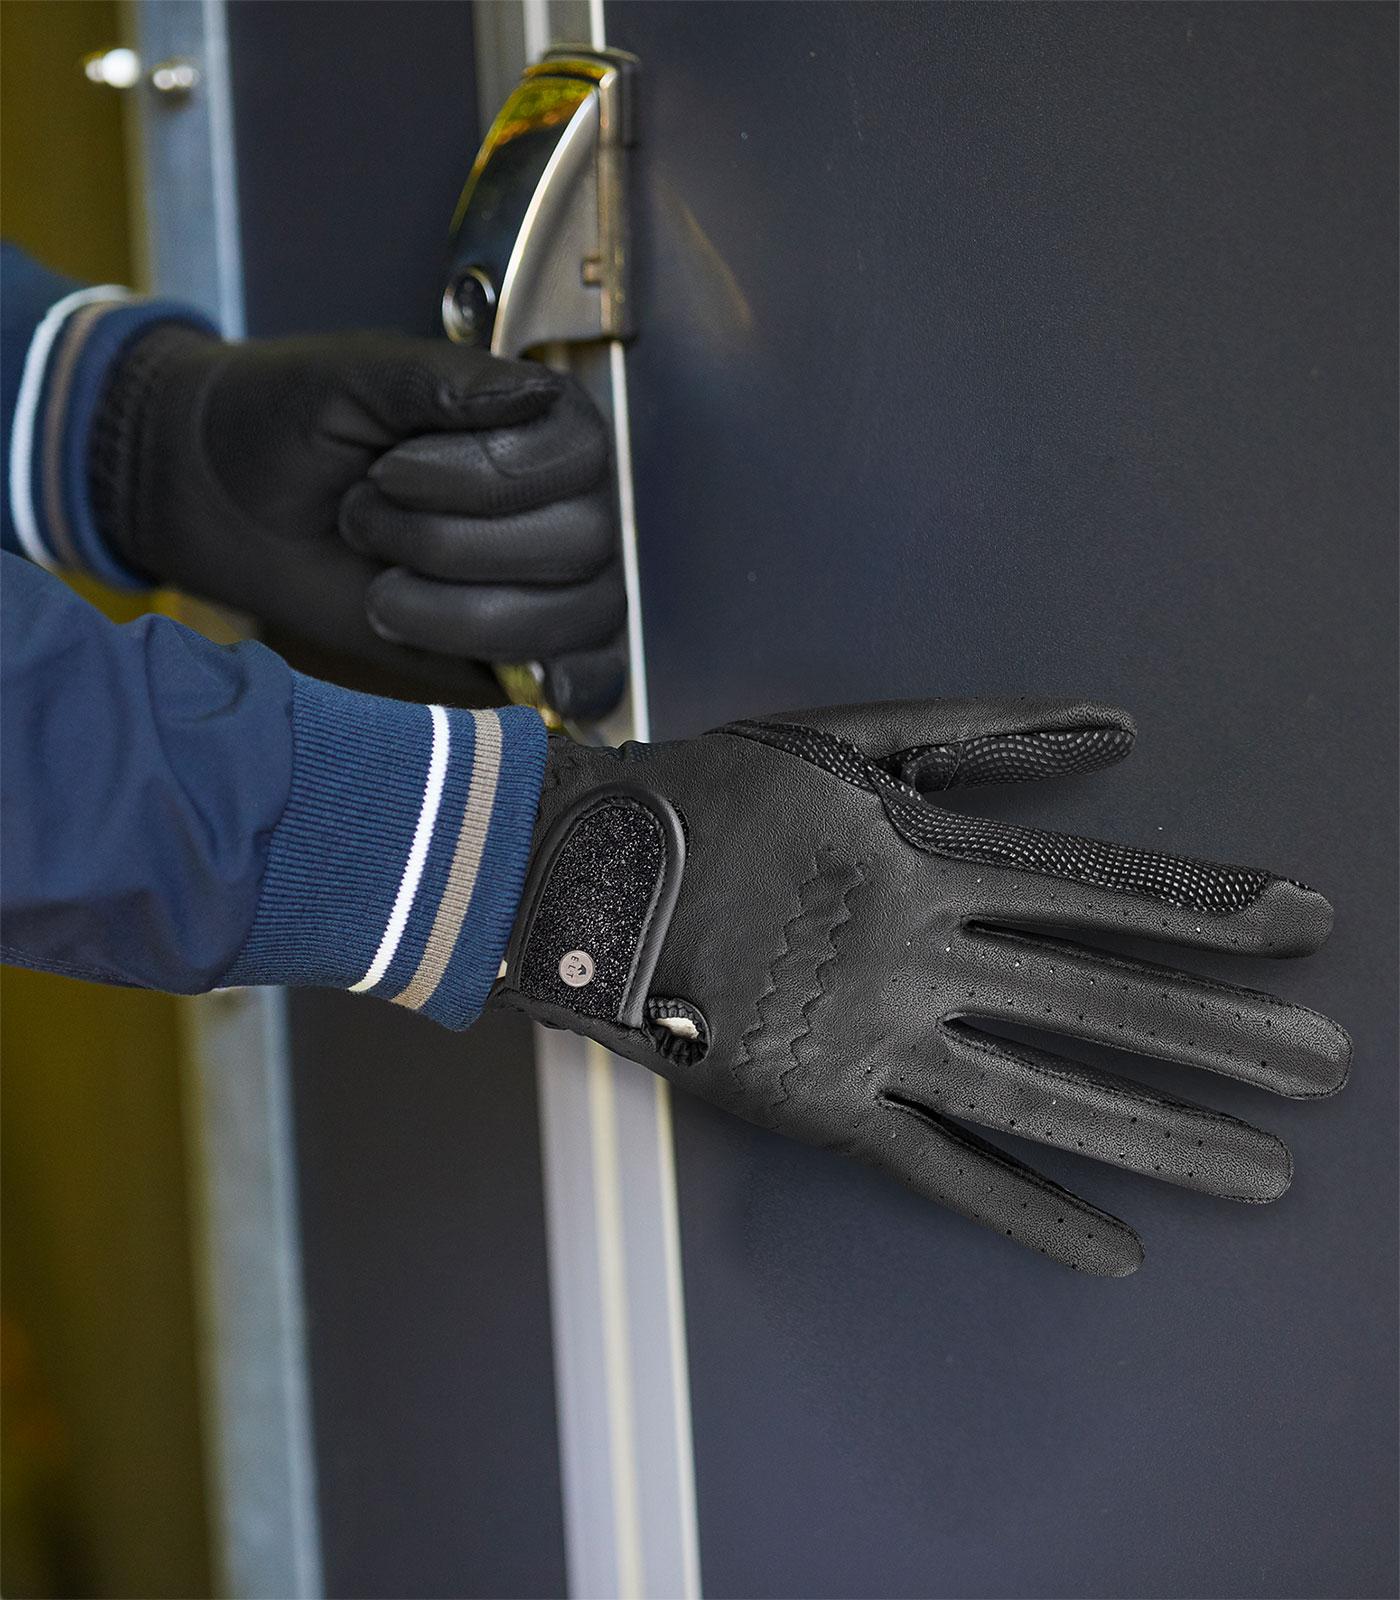 ELT Allround glimmer Handsker.